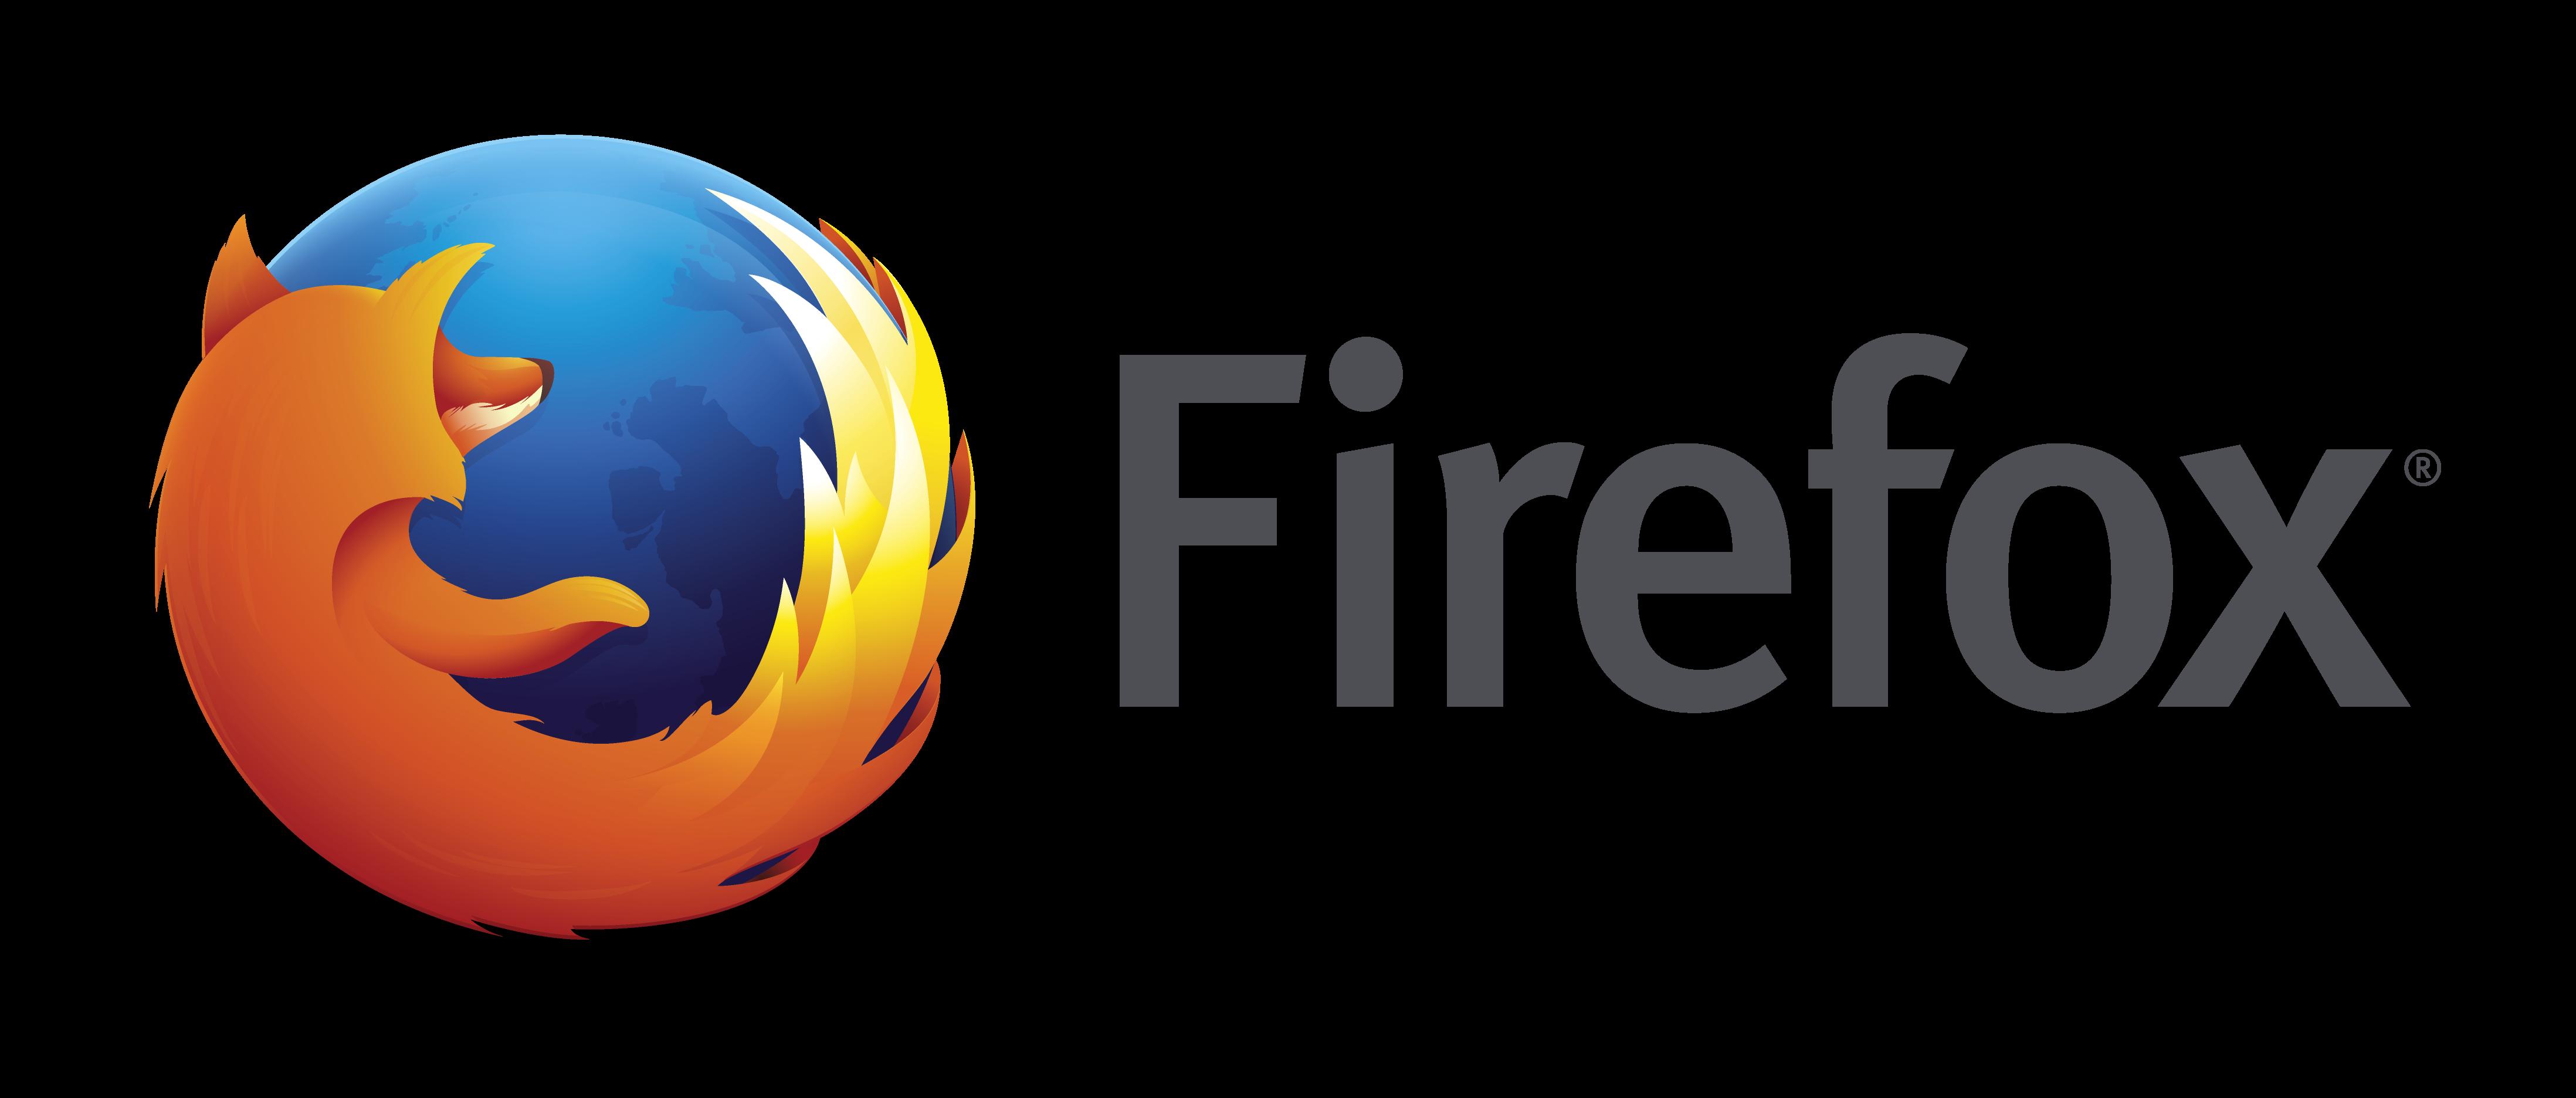 Come installare Mozilla Firefox?